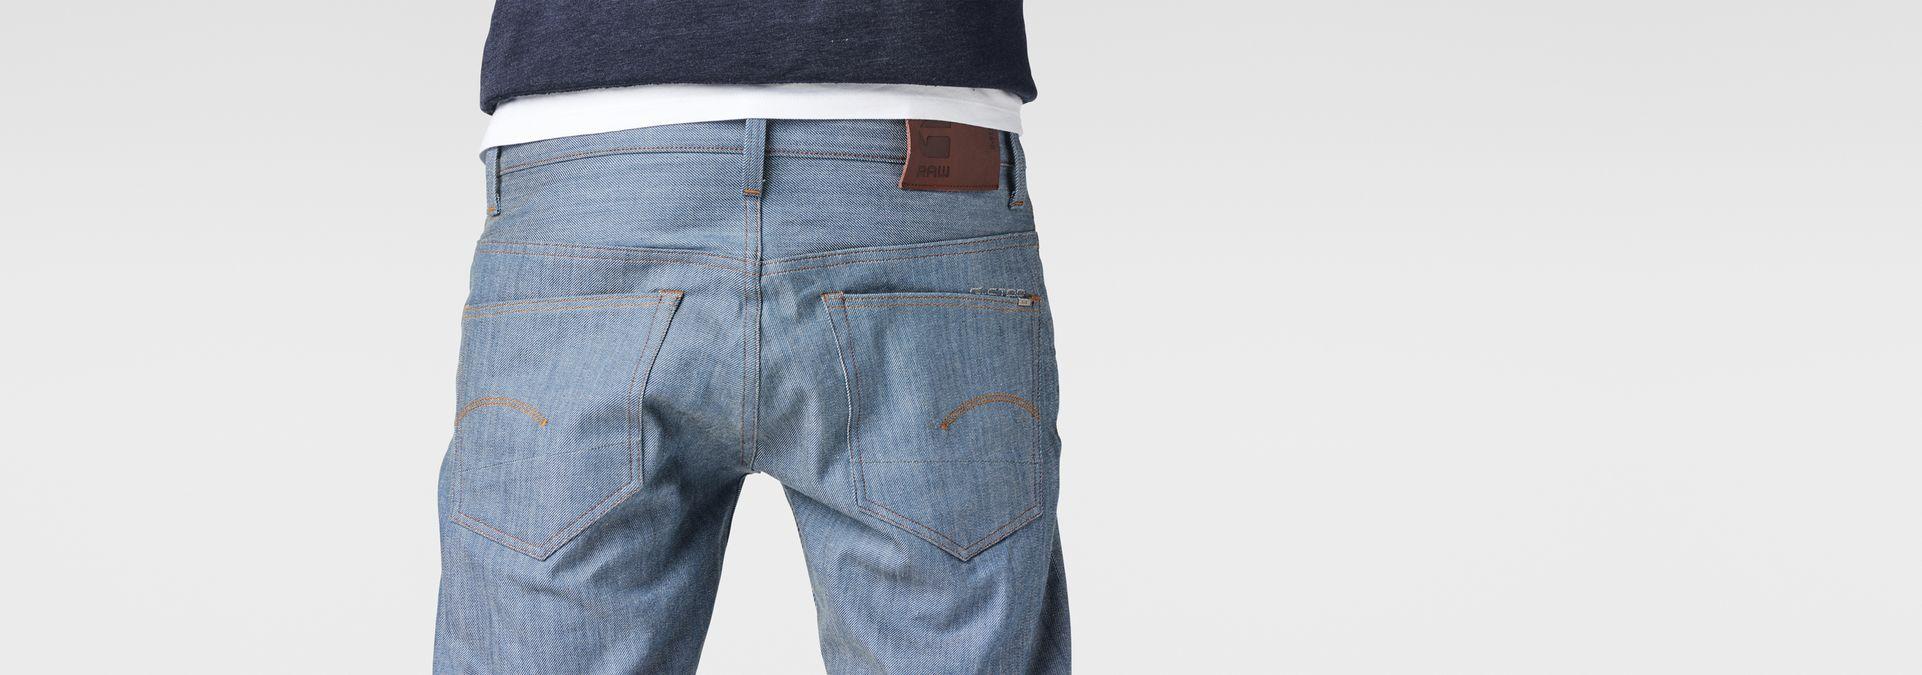 g star raw 3301 damen star 3301 jeg skinny damen jeans. Black Bedroom Furniture Sets. Home Design Ideas